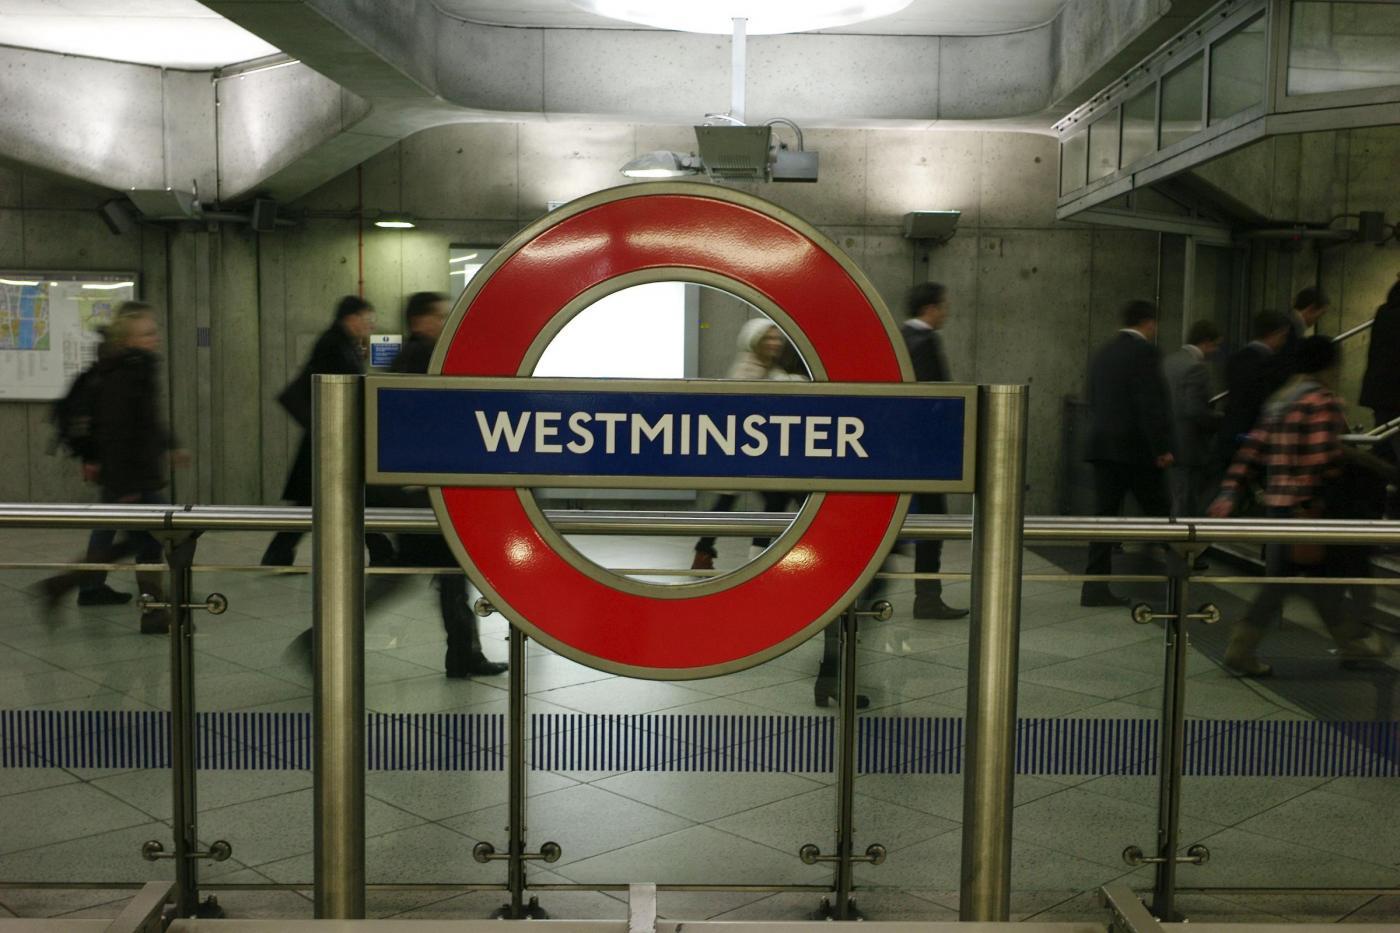 La Metro di Londra compie 150 anni04